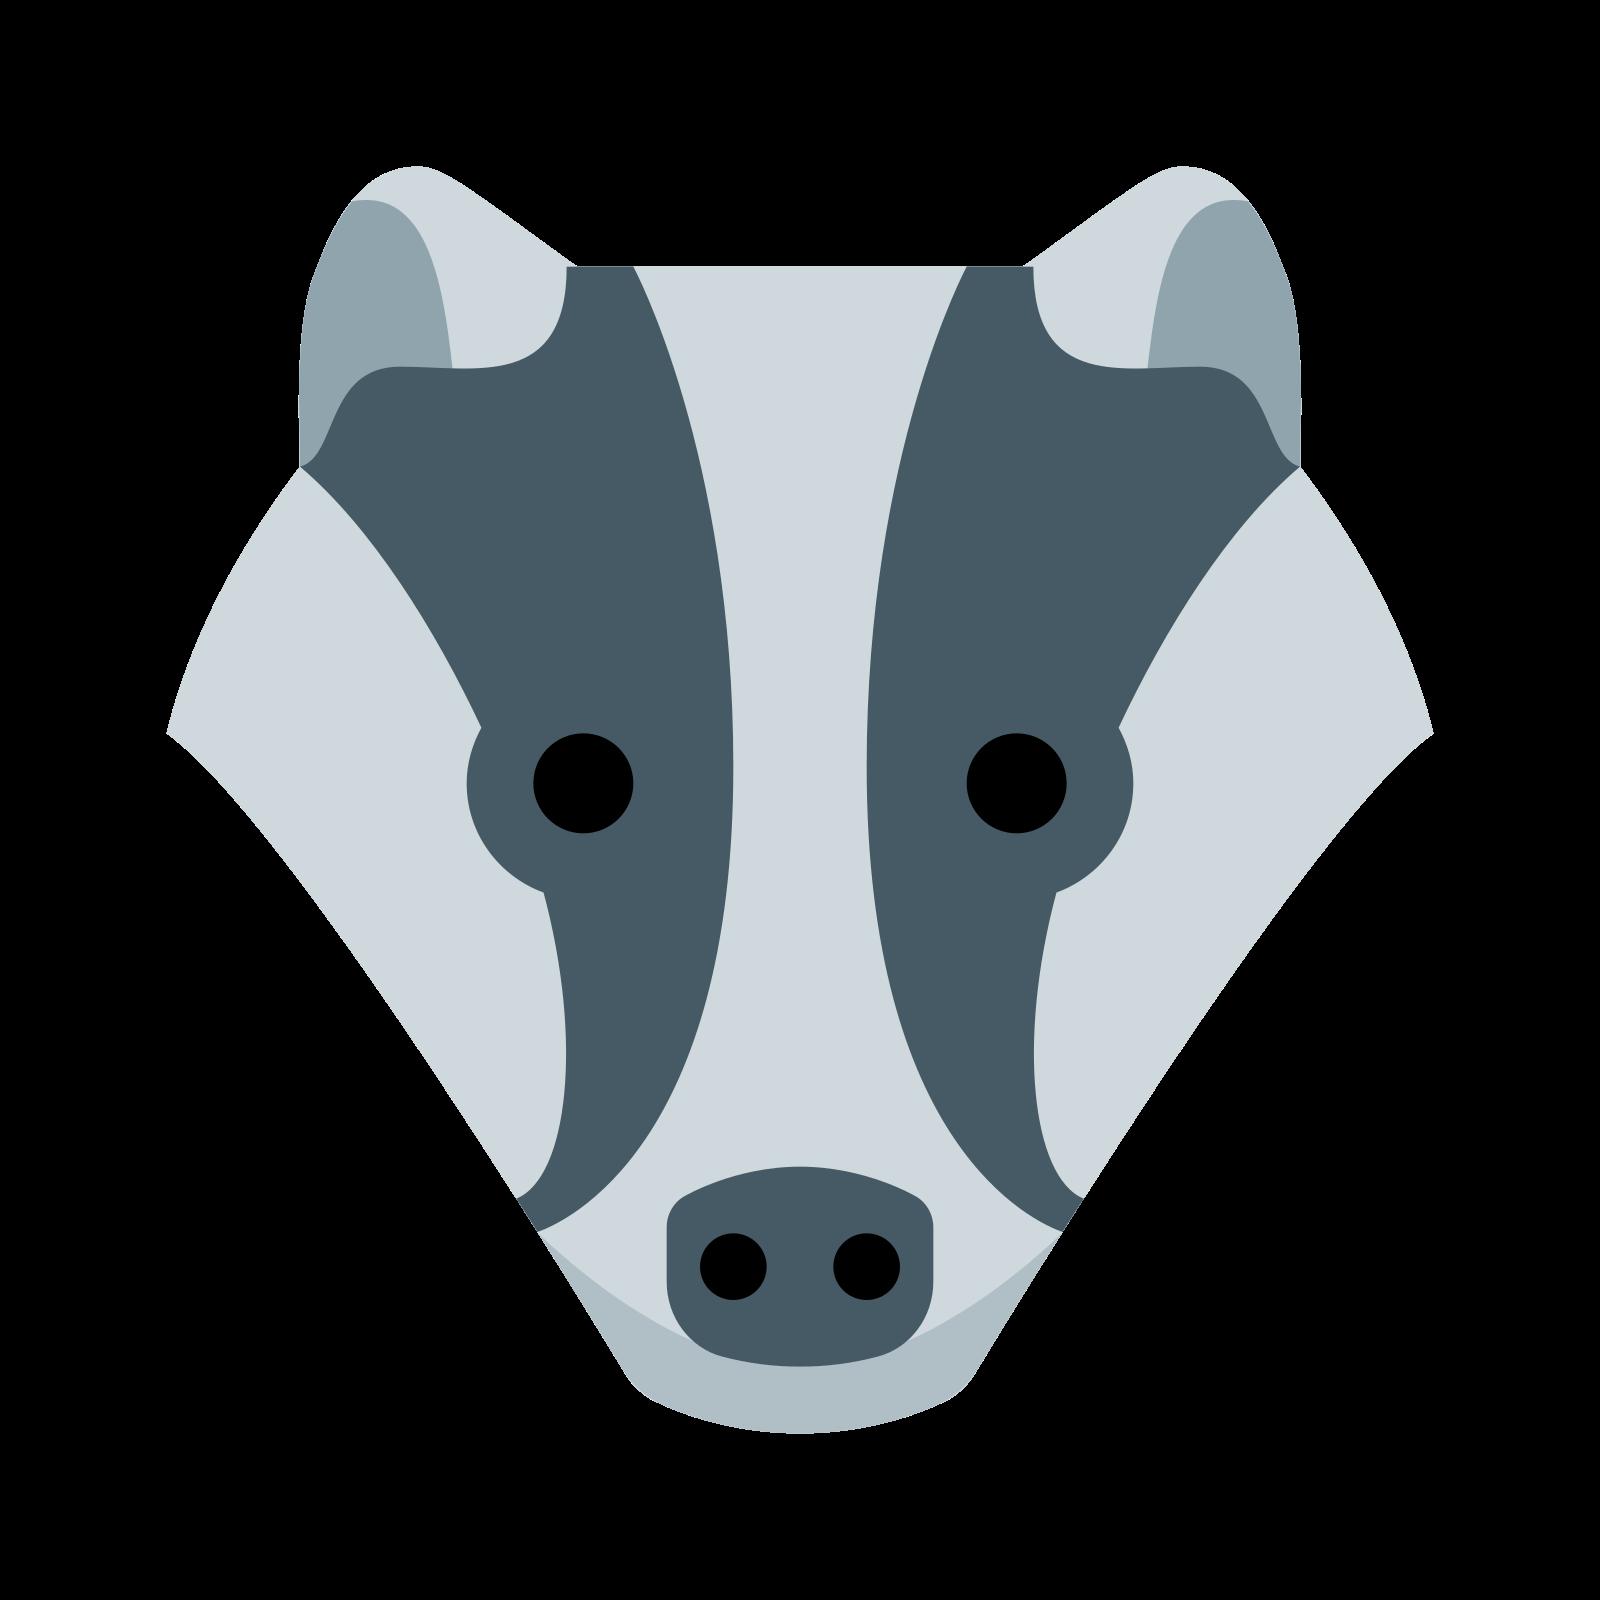 Borsuk icon